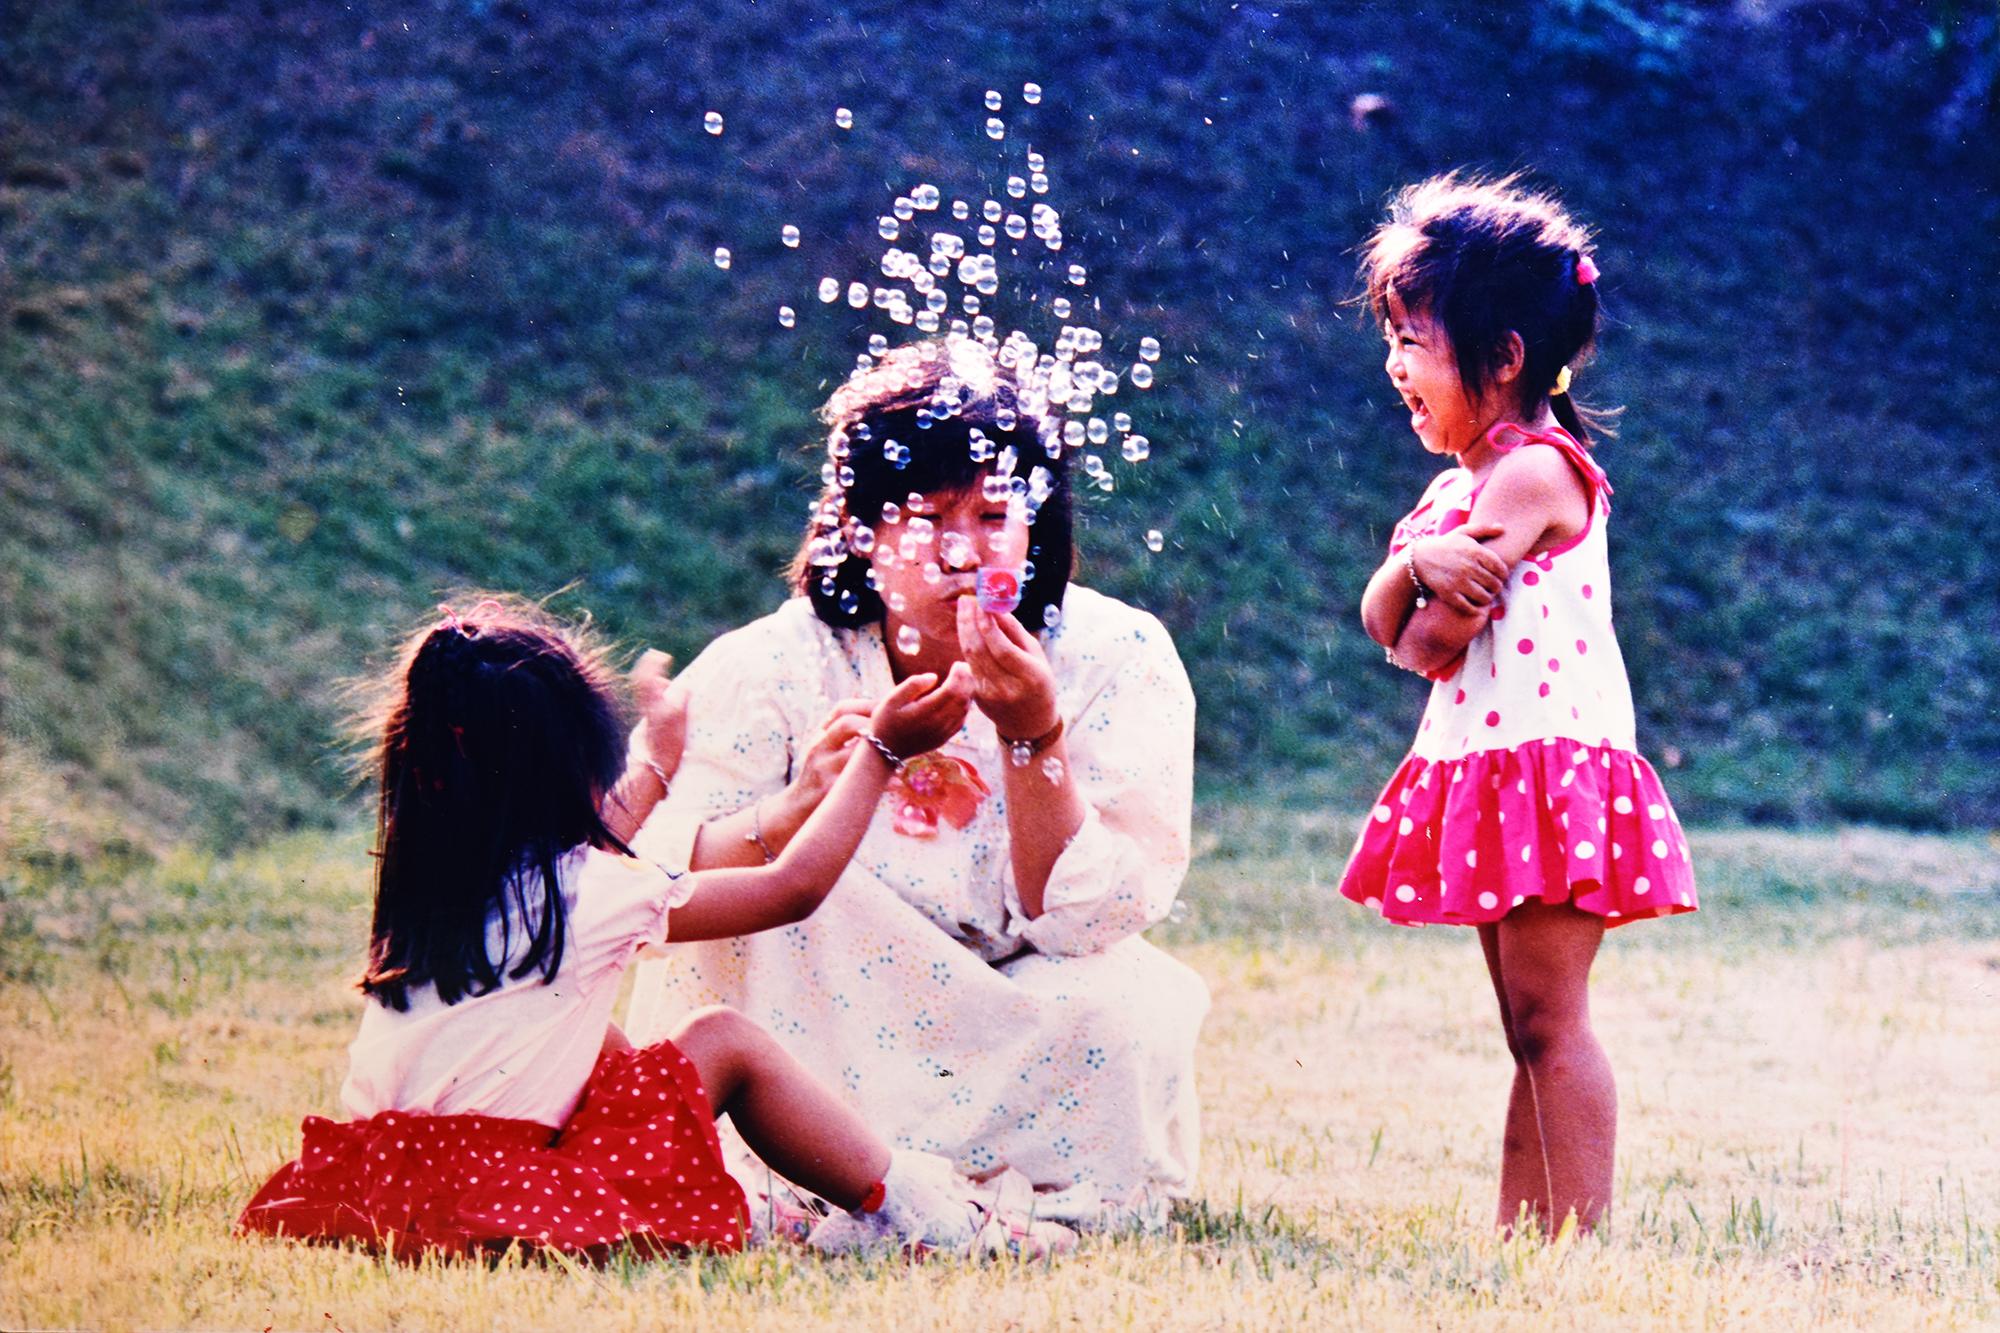 008-76年社會福利攝影比賽  銀牌獎  示範